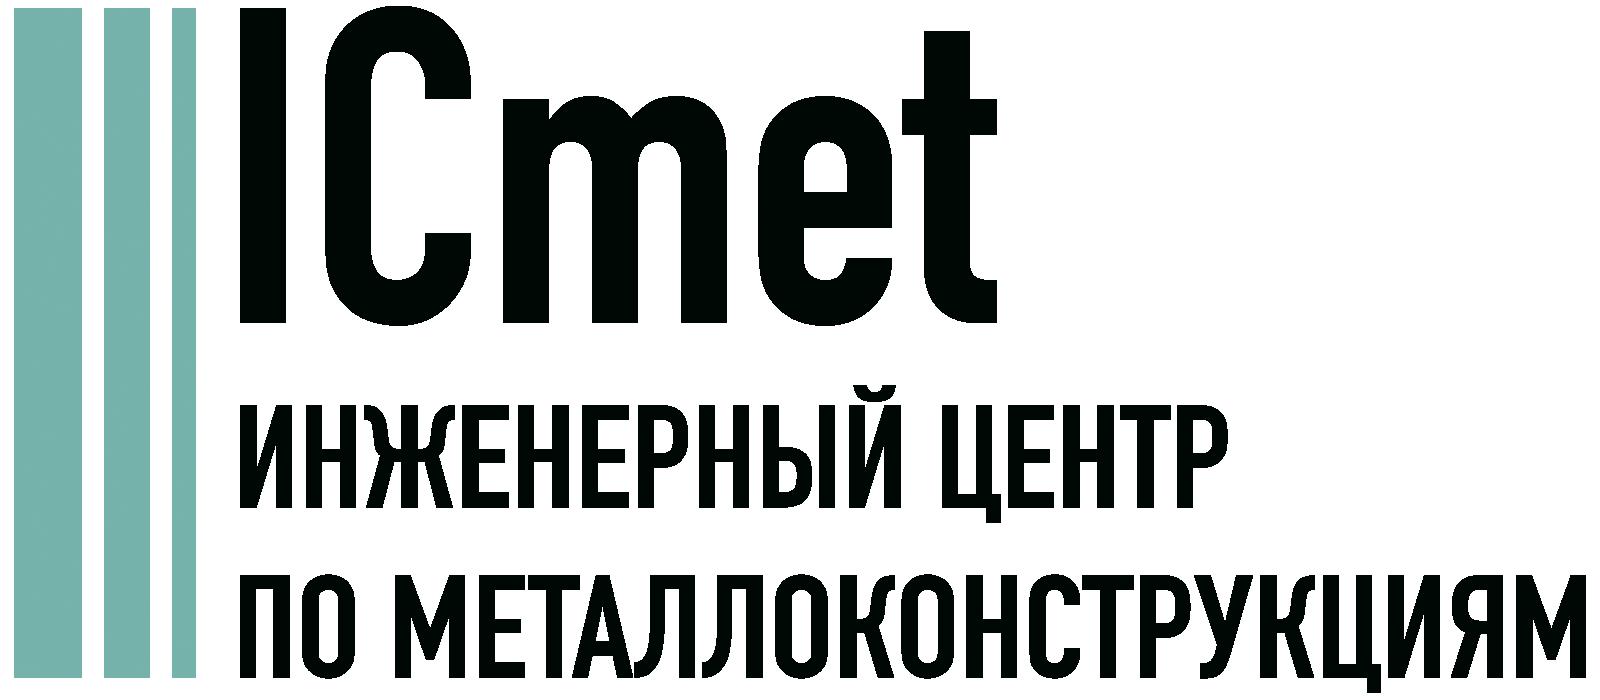 Проектирование металлоконструкций в Ульяновске